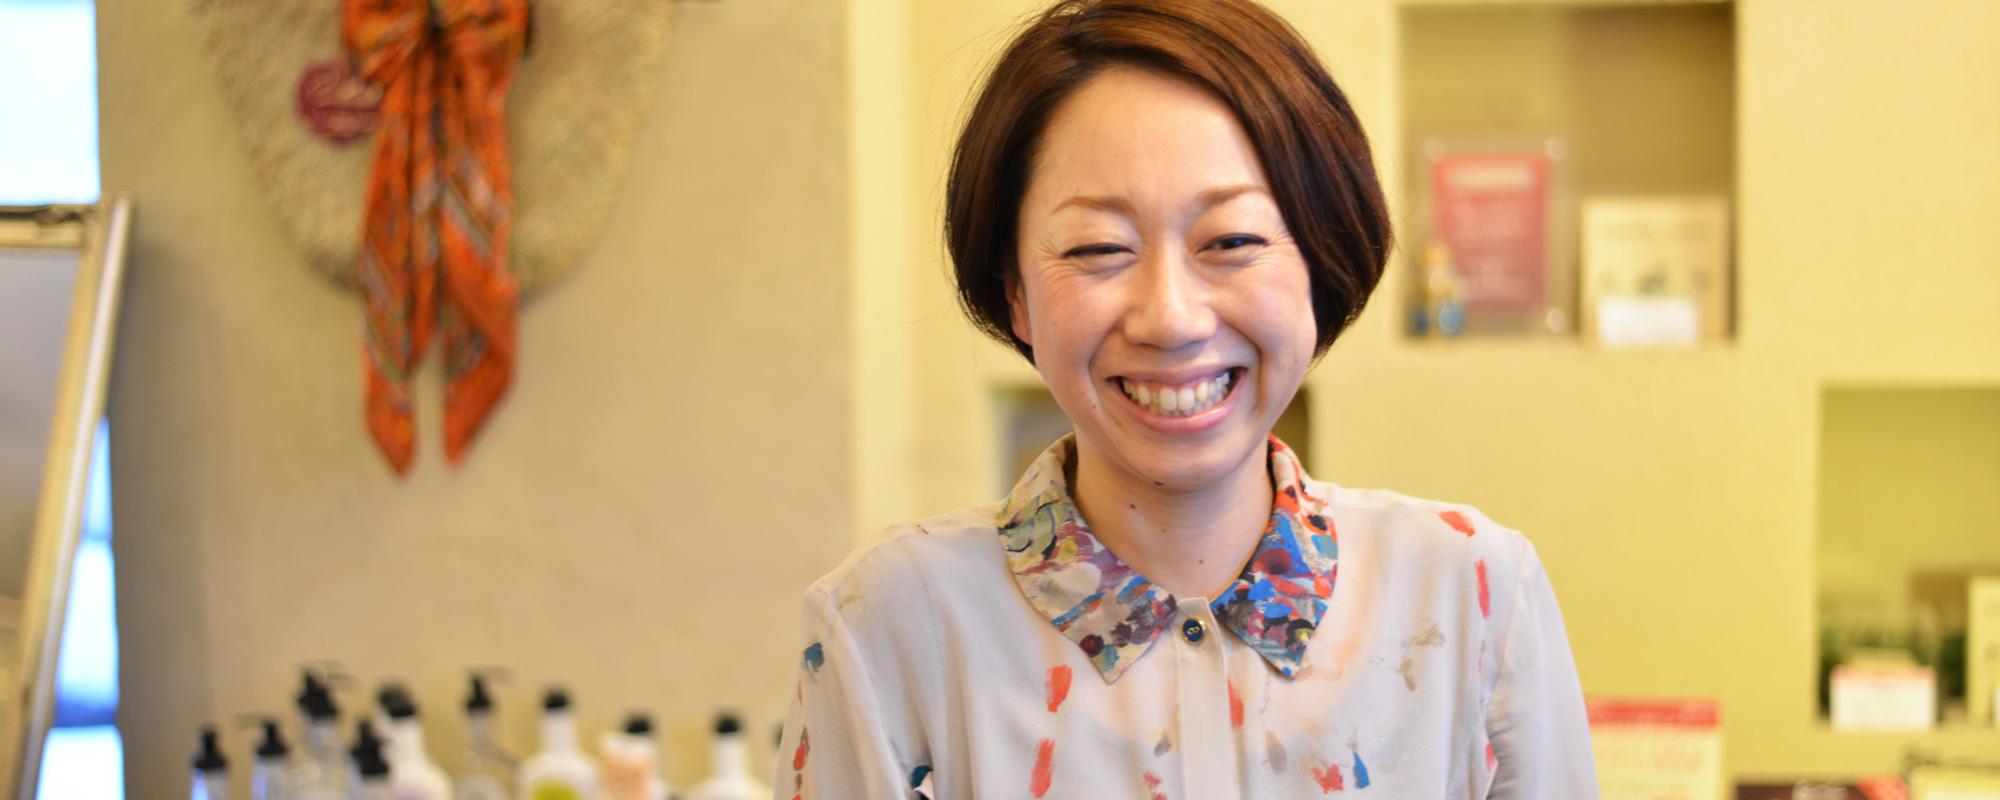 弘前ぐらし 移住者インタビュー セレクトショップage店長 奈良岡れい子さん